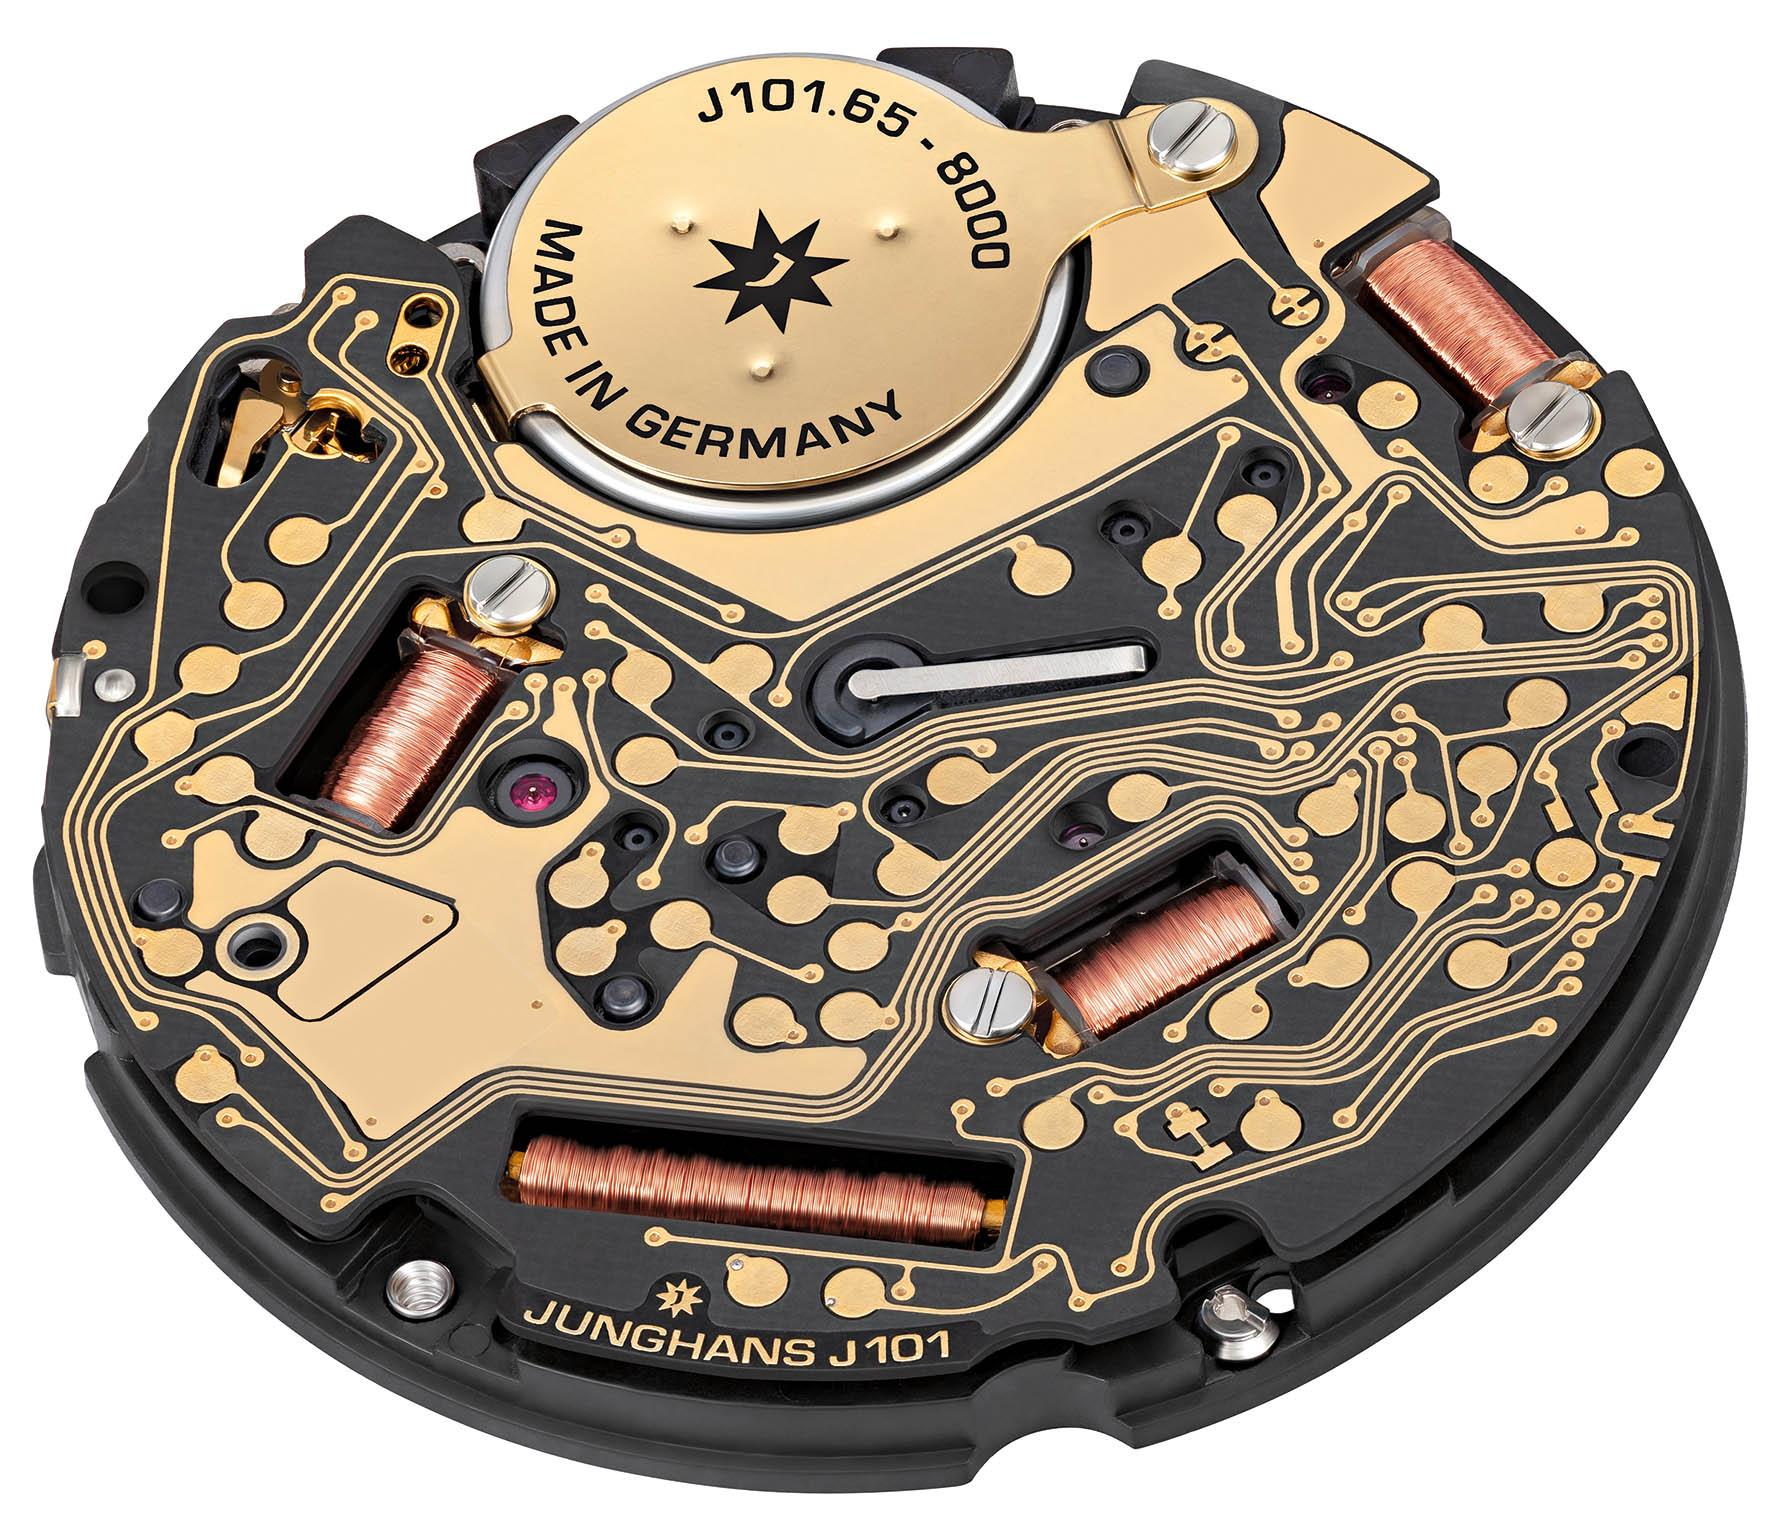 Het Junghans Funkwerk J101.65 zorgt voor de radioverbinding en de tijdsaandrijving